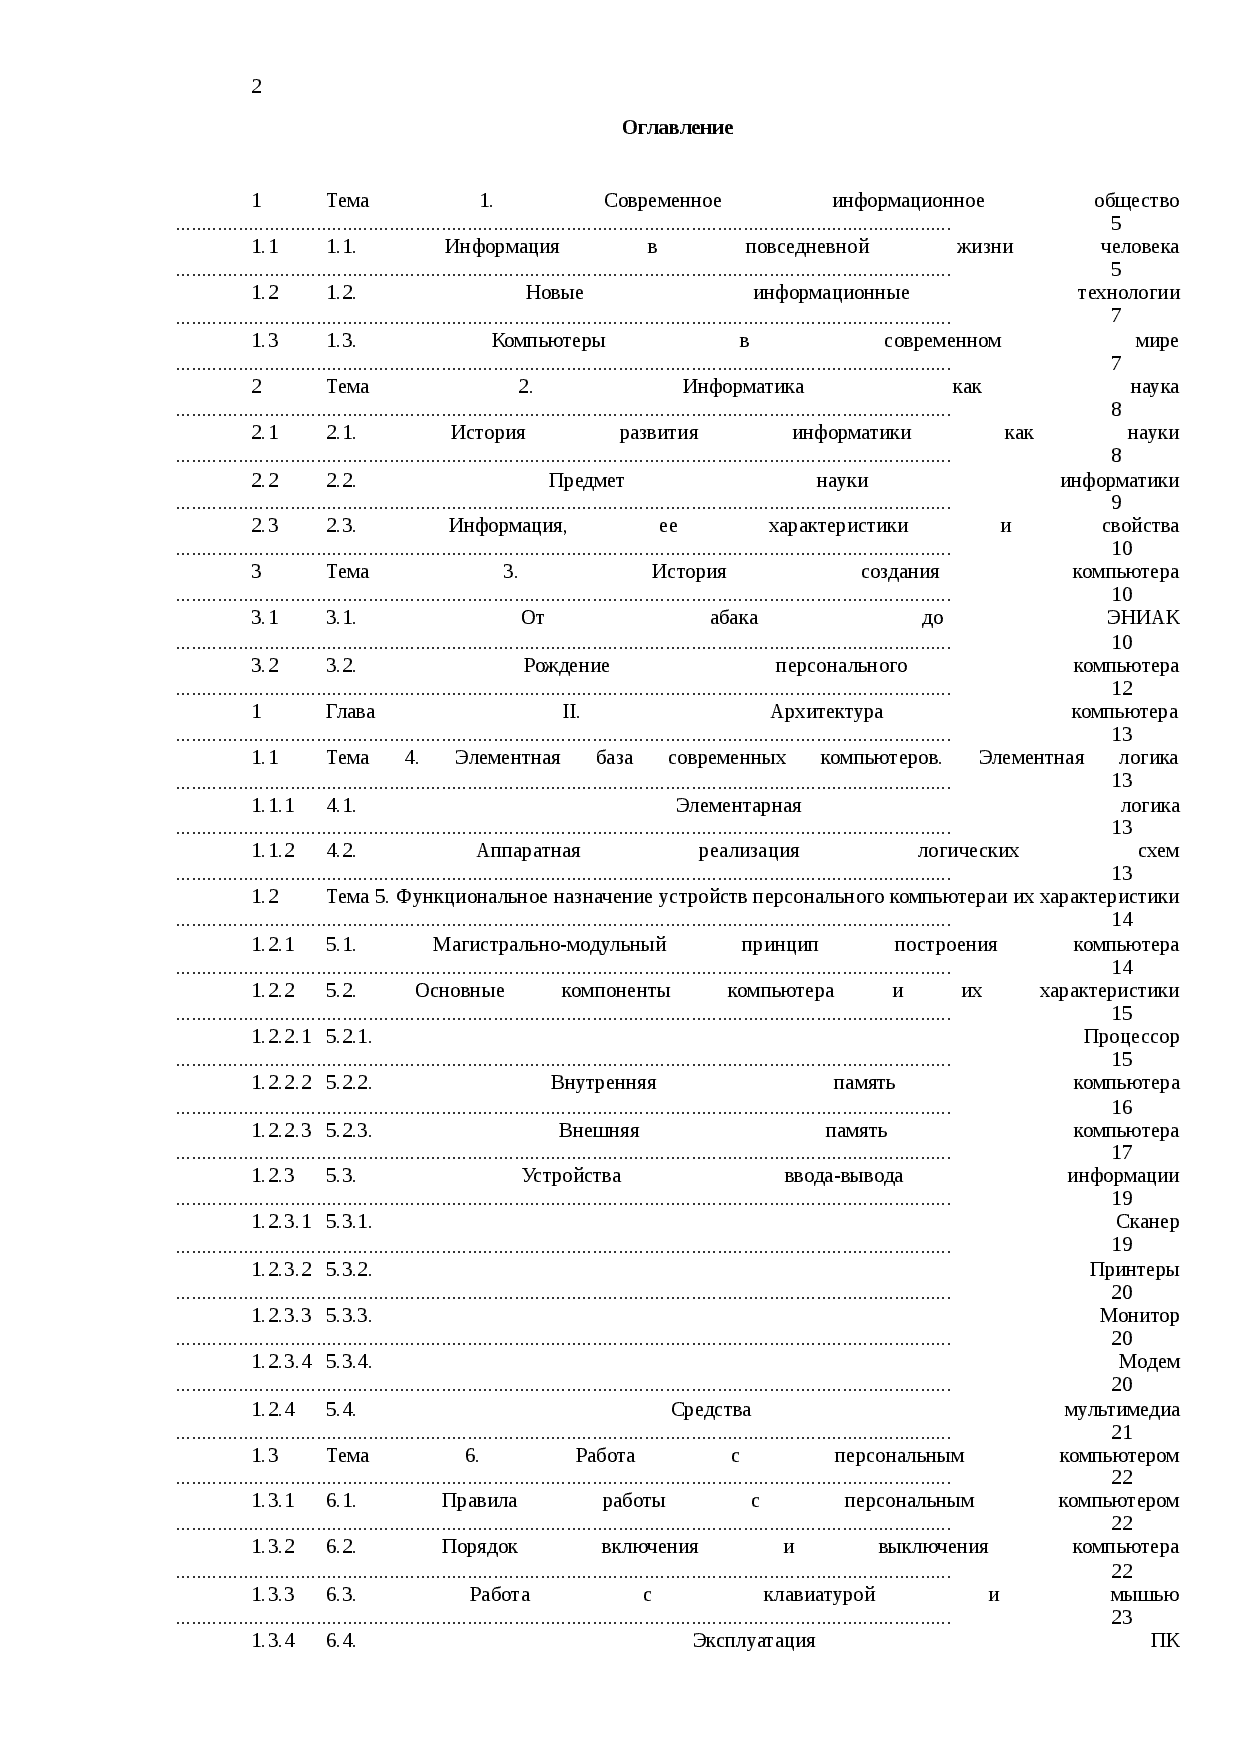 Лекция №26 шины персональных компьютеров.